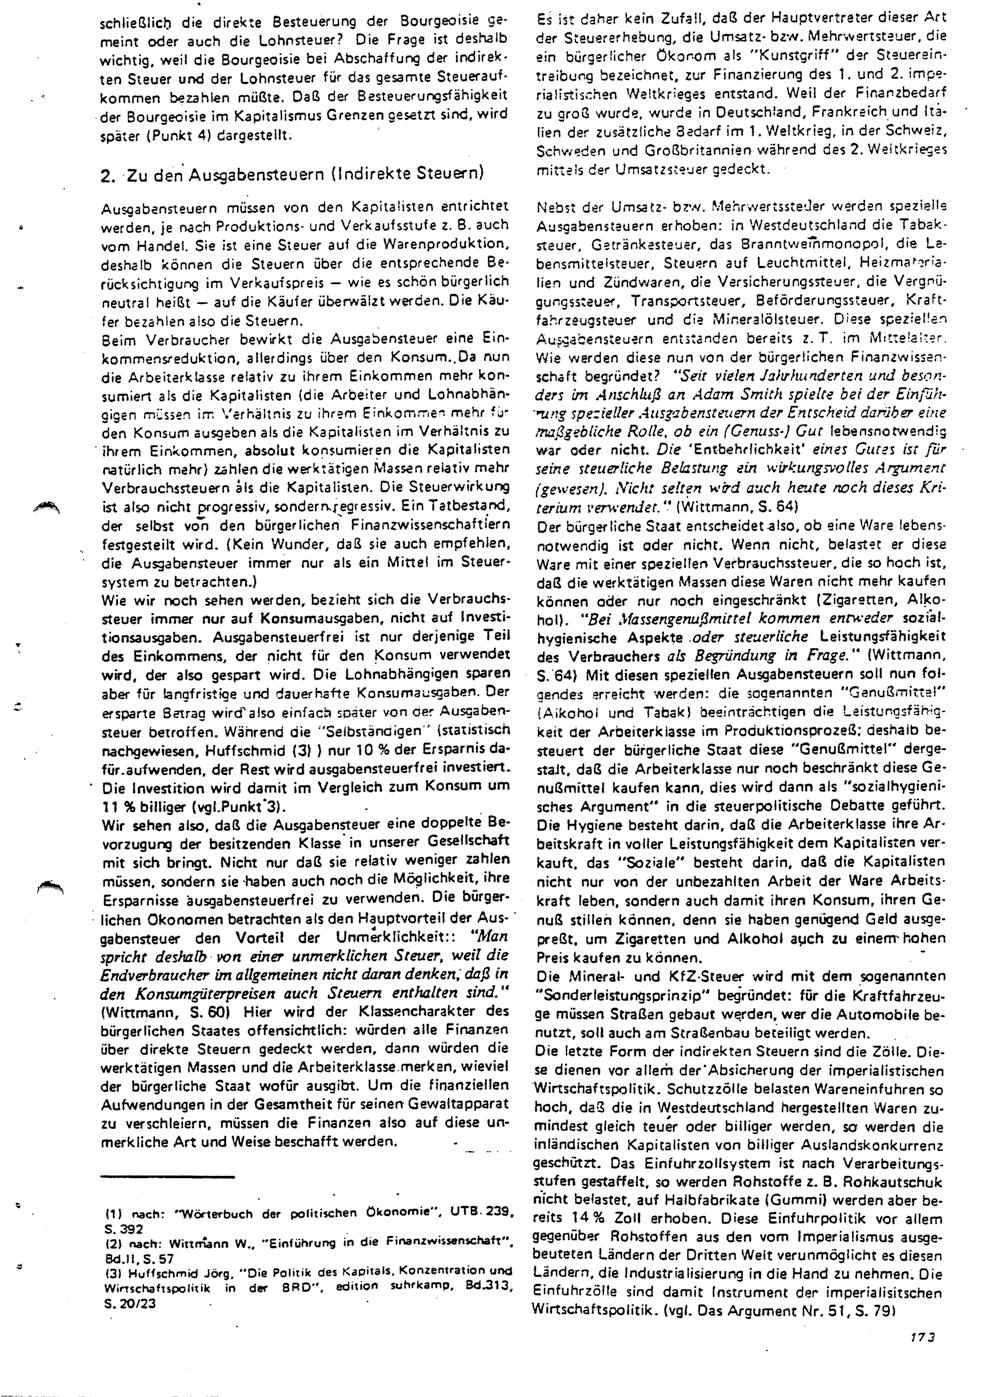 KABRW_Arbeitshefte_1978_31_053